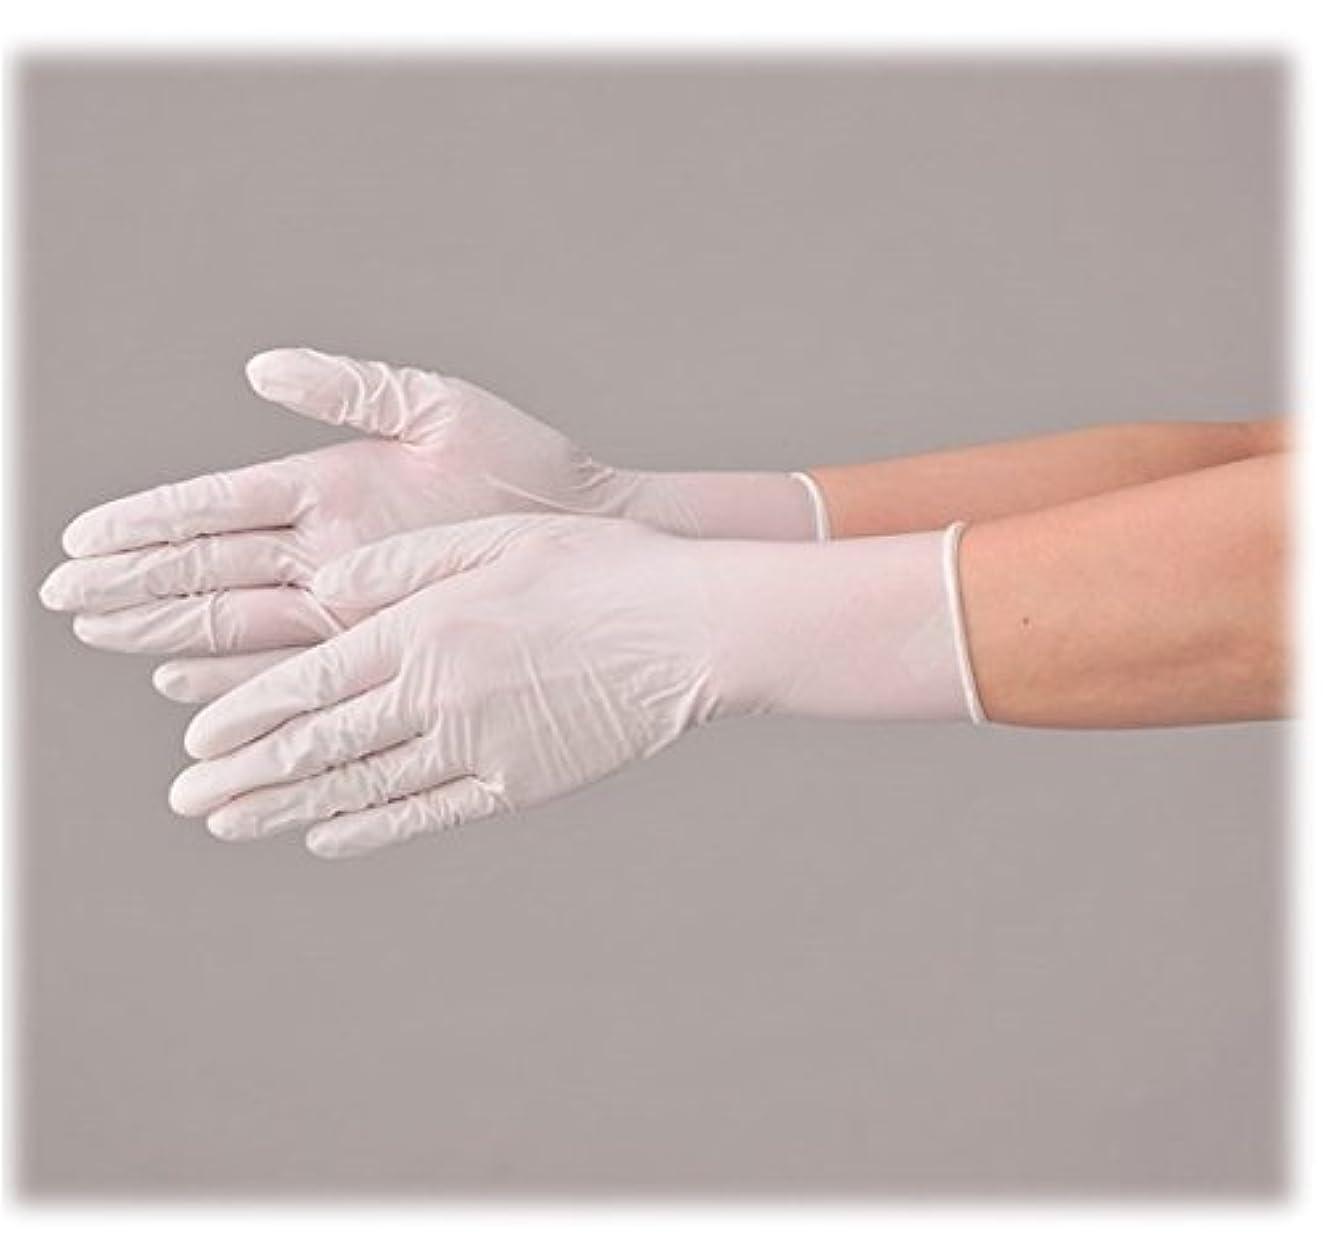 調停する製造目覚める使い捨て 手袋 エブノ 513 ニトリル極薄手袋 ホワイト Lサイズ 2ケース(100枚×40箱)